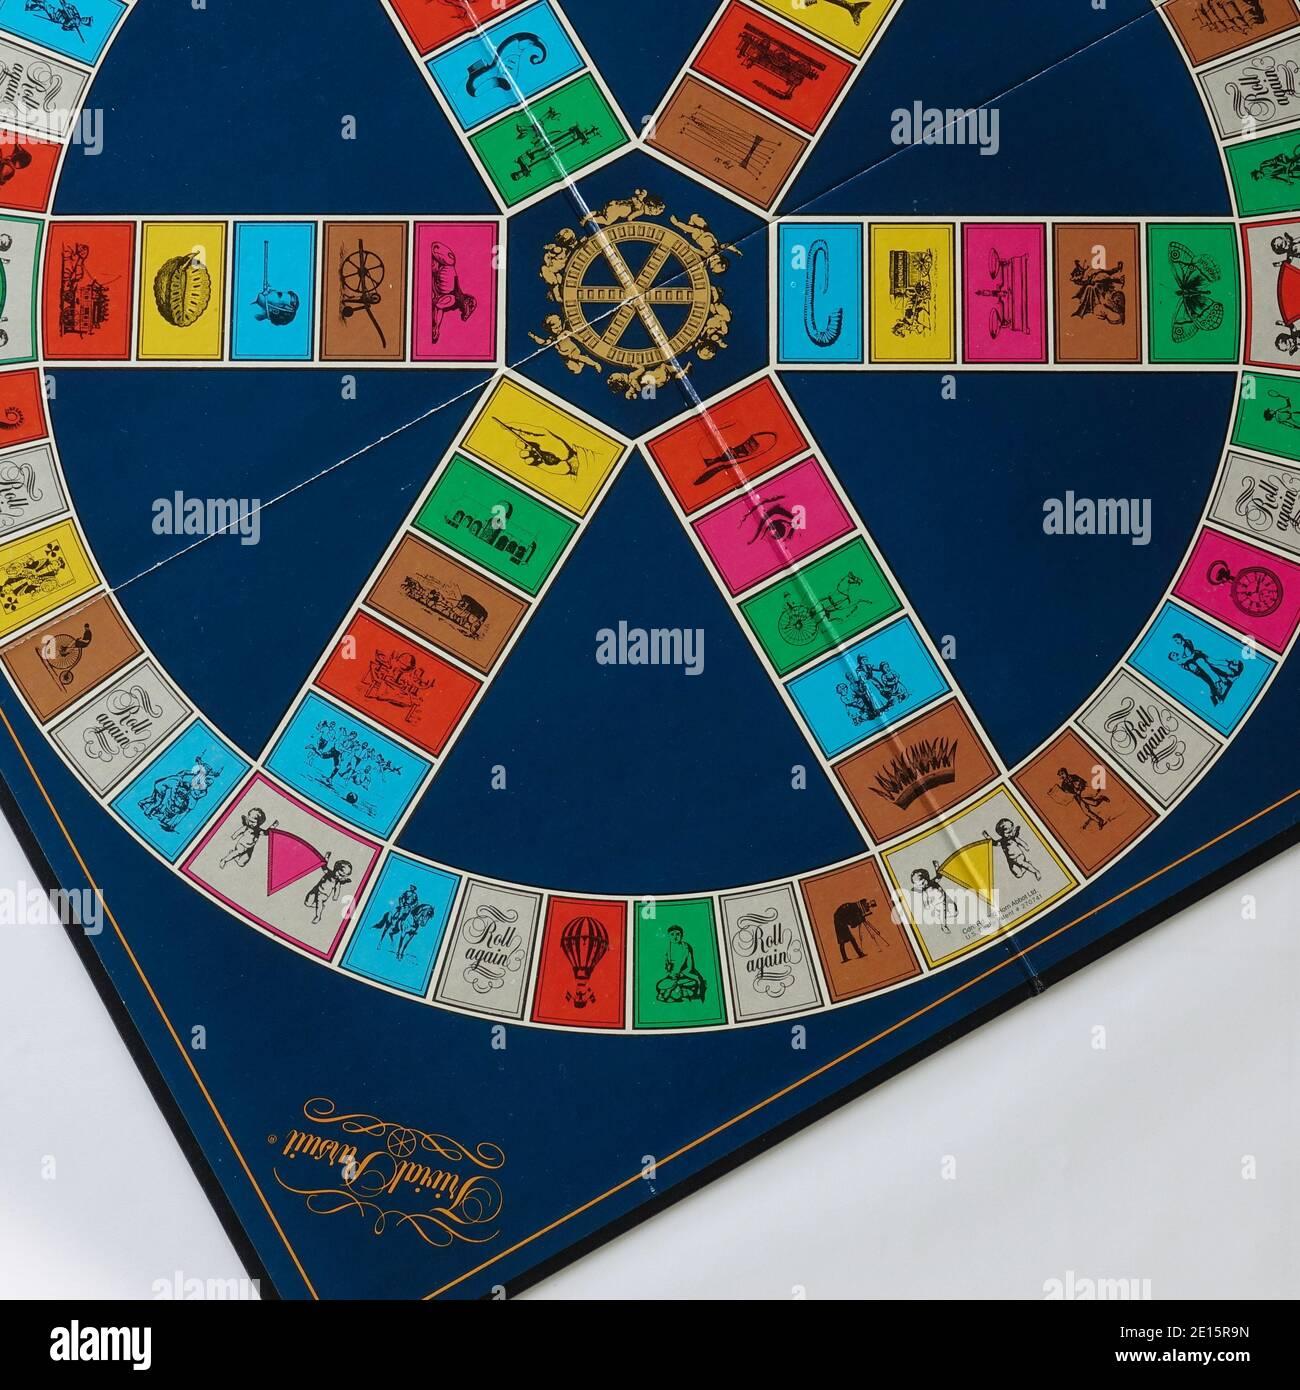 Orlando, FL USA - 12 febbraio 2020: Gioco Trivial Pursuit impostato per giocare, che è un gioco da tavolo dove la vittoria è determinata dalla capacità di un giocatore ad A. Foto Stock